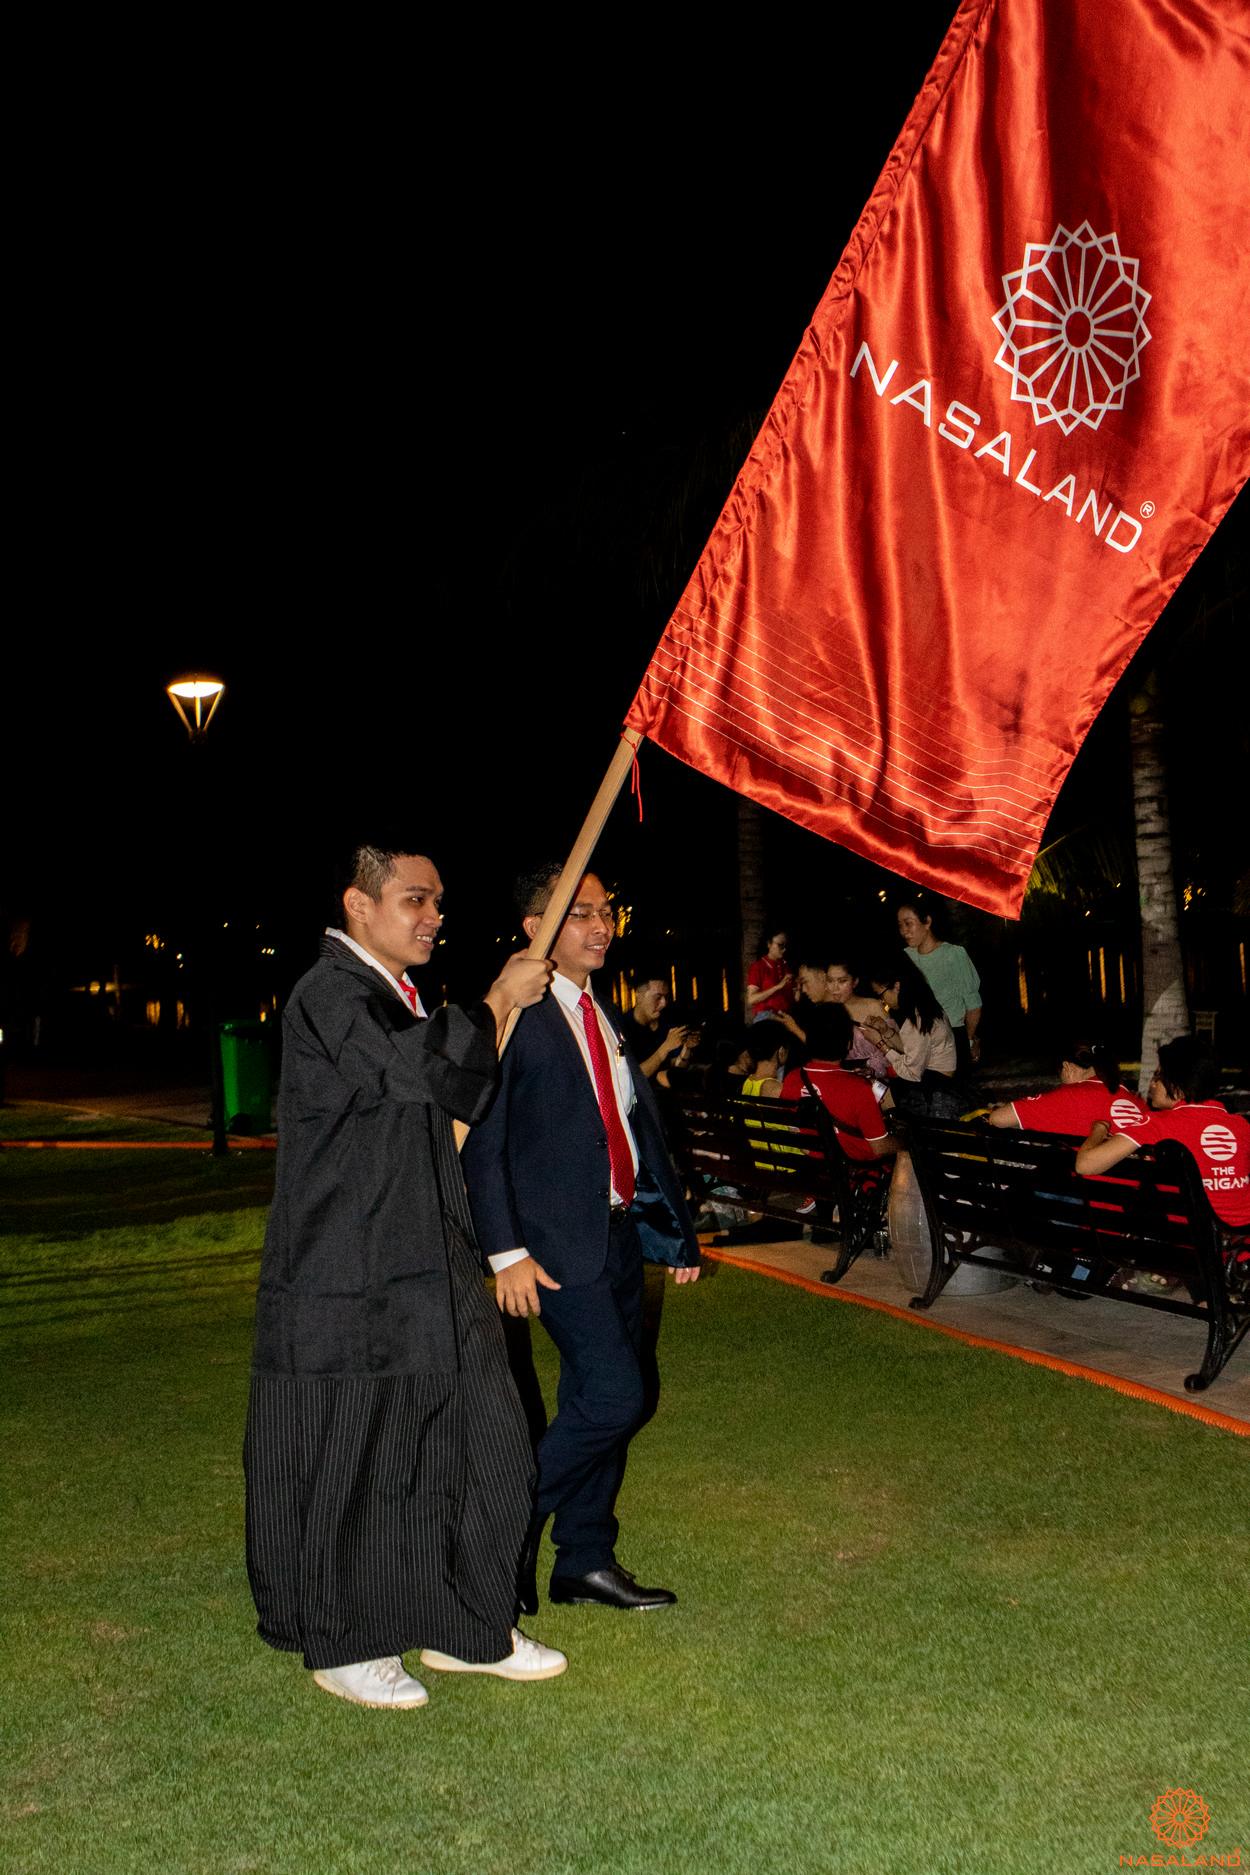 Tổng kết lễ ra quân The Origami Vinhomes Grand Park - cờ của Nasaland đi diễu hành cùng giám đốc sàn